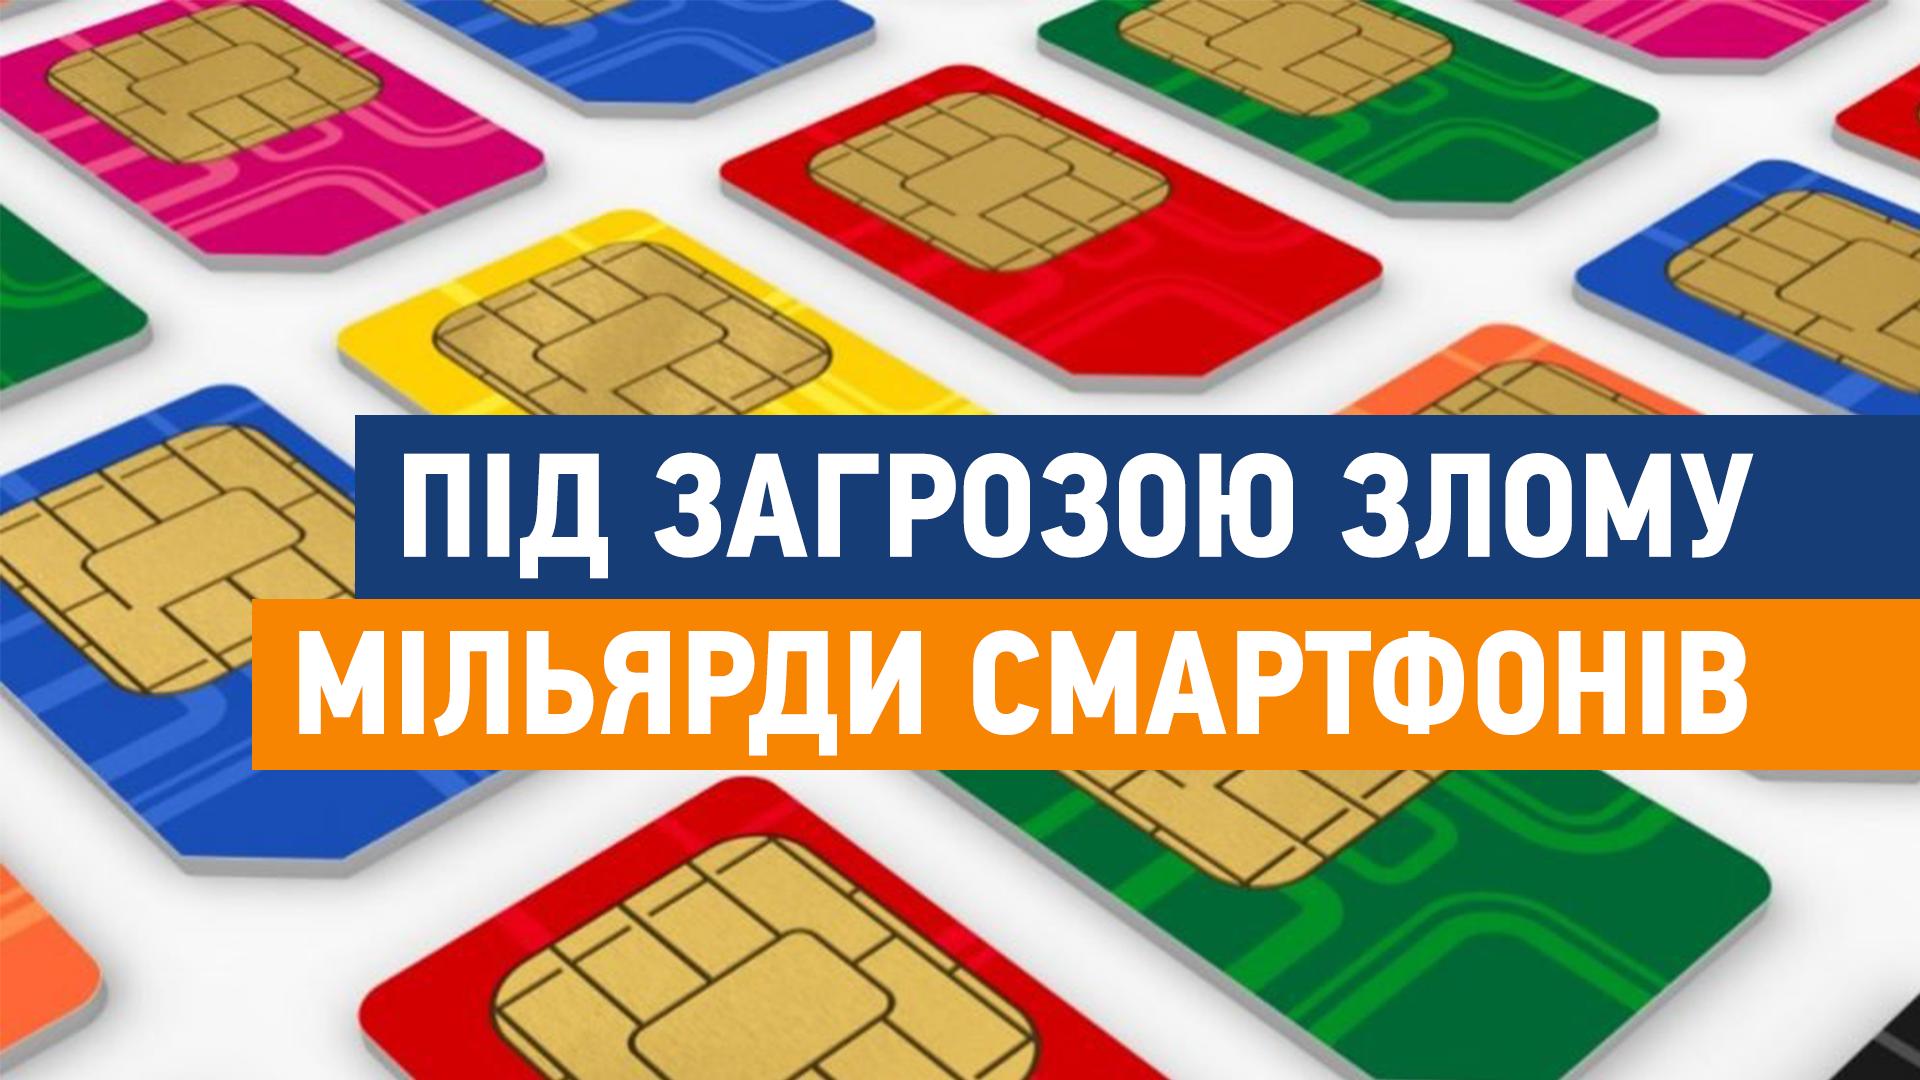 Виявлена вразливість в SIM-картах. Смартфони у небезпеці